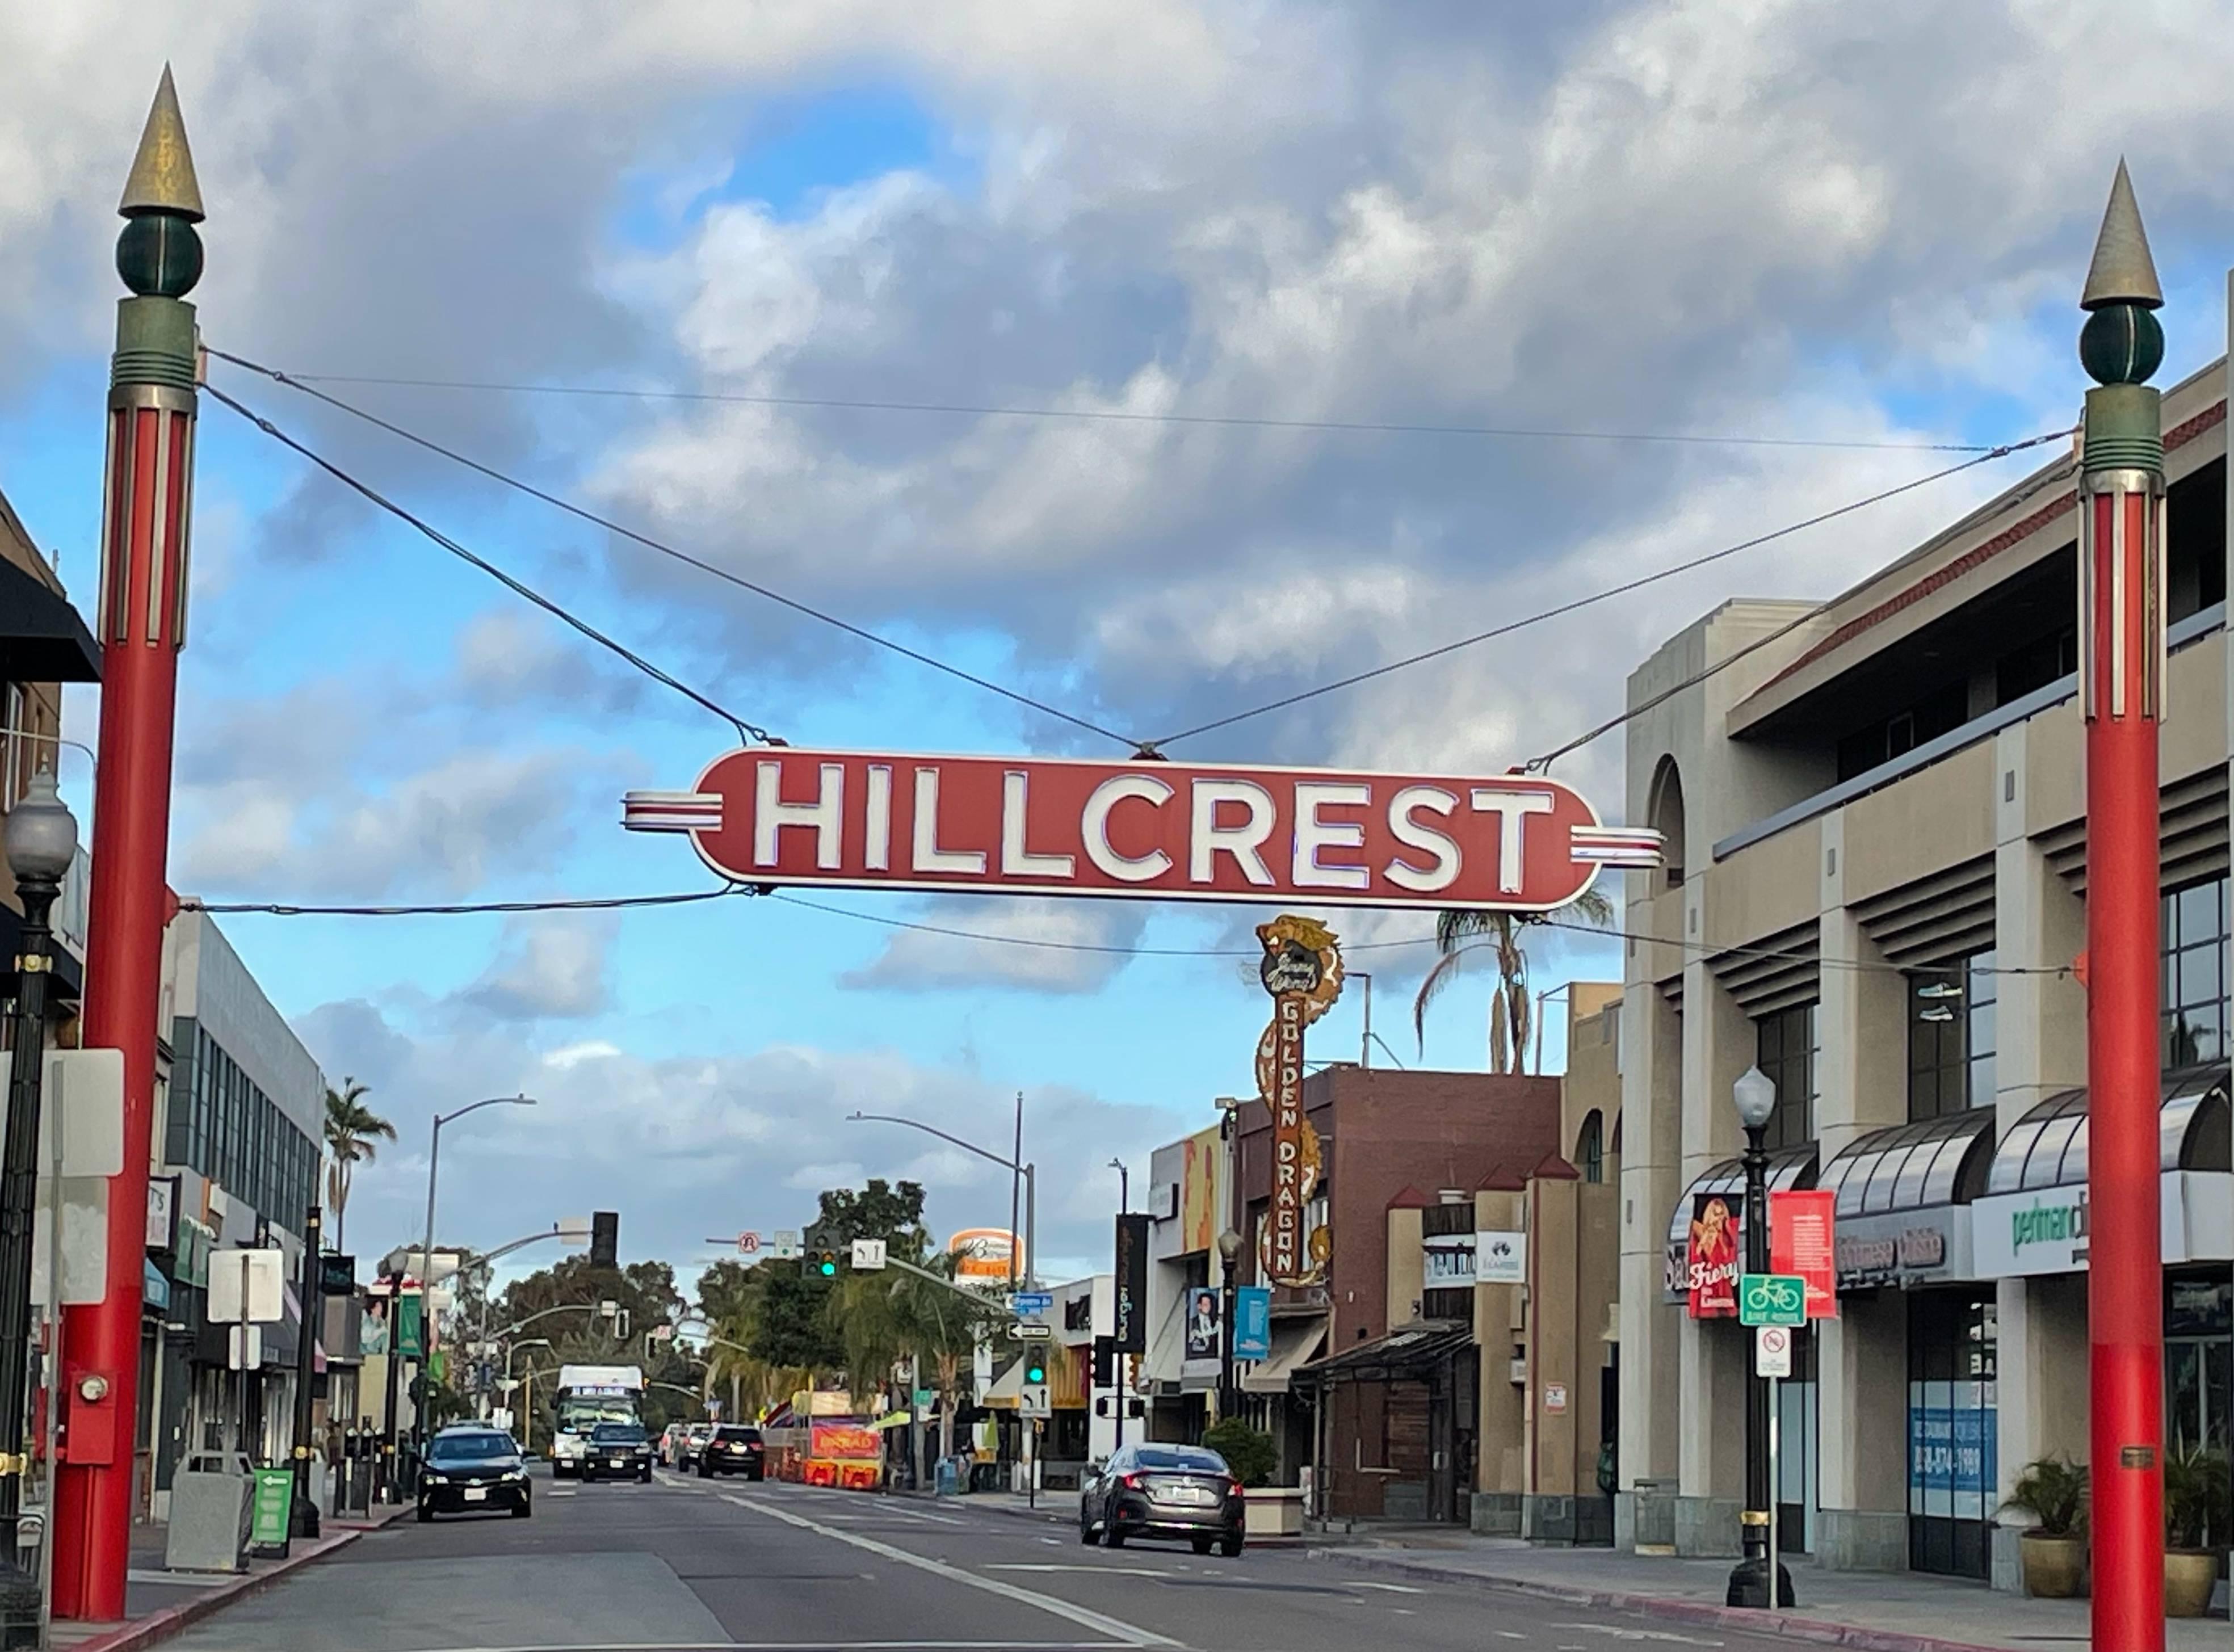 HillCrest Realtor Shawn Dooley